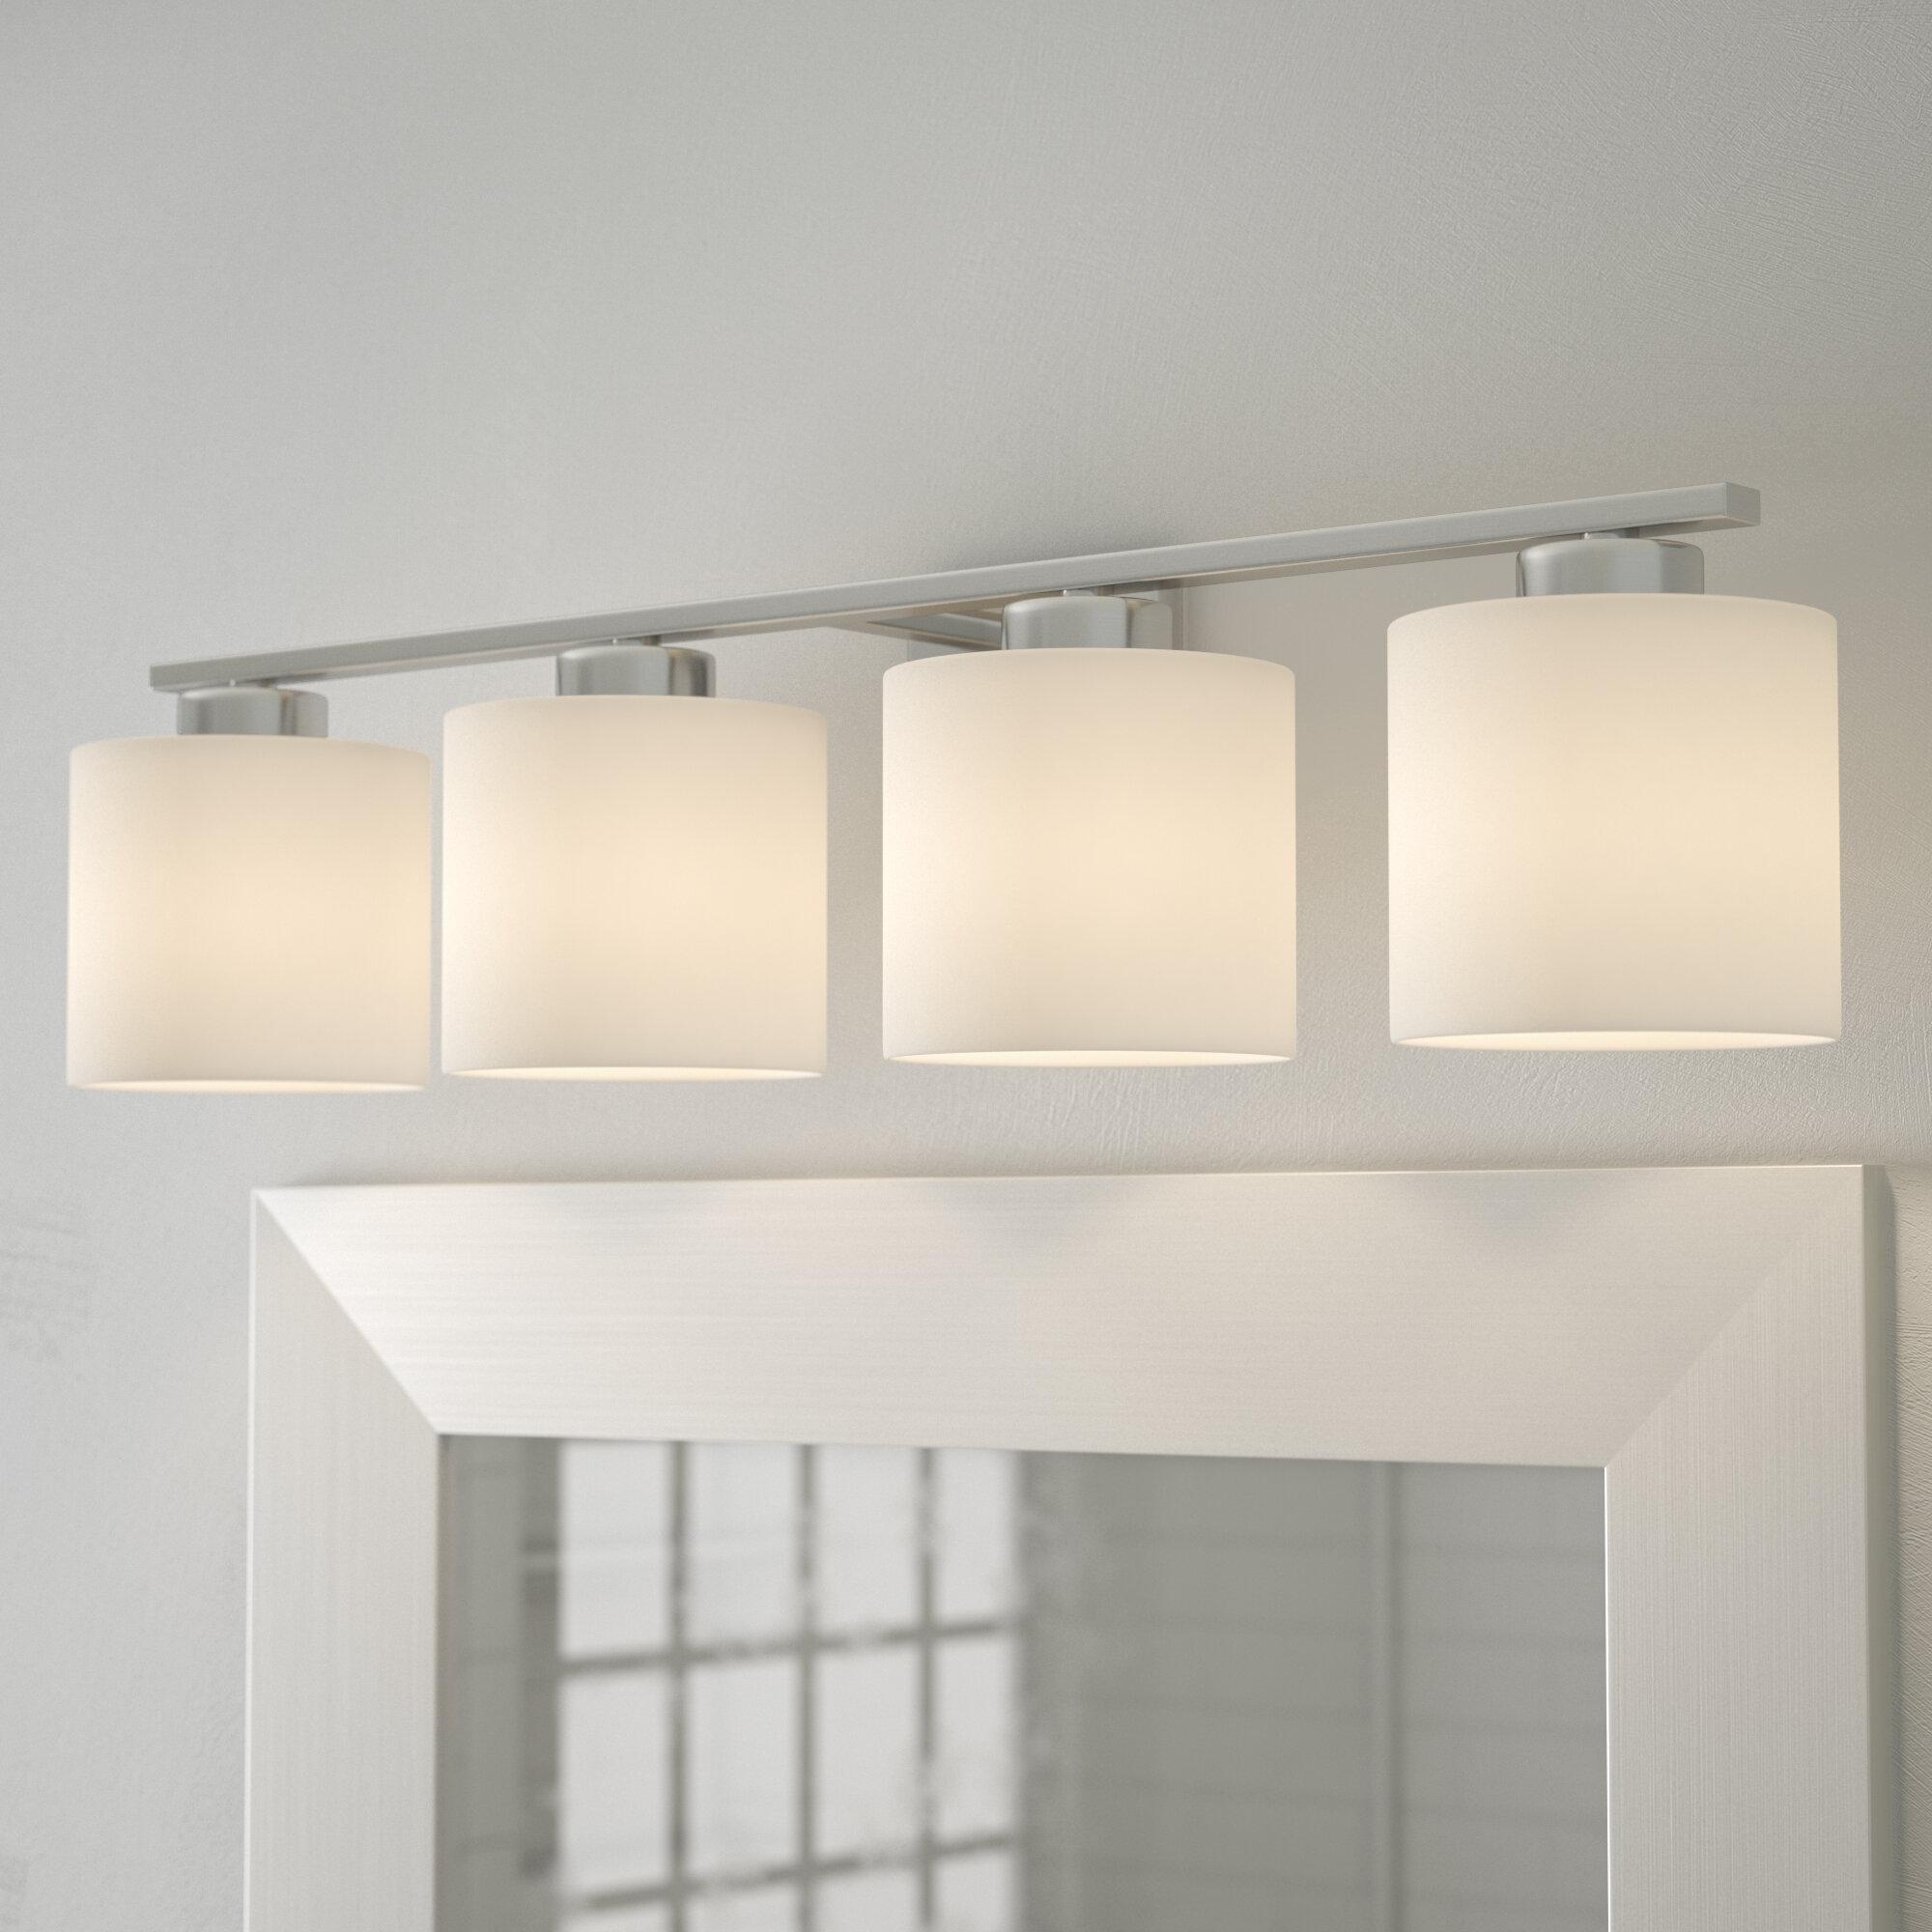 Zipcode design cedartown 4 light vanity light reviews wayfair